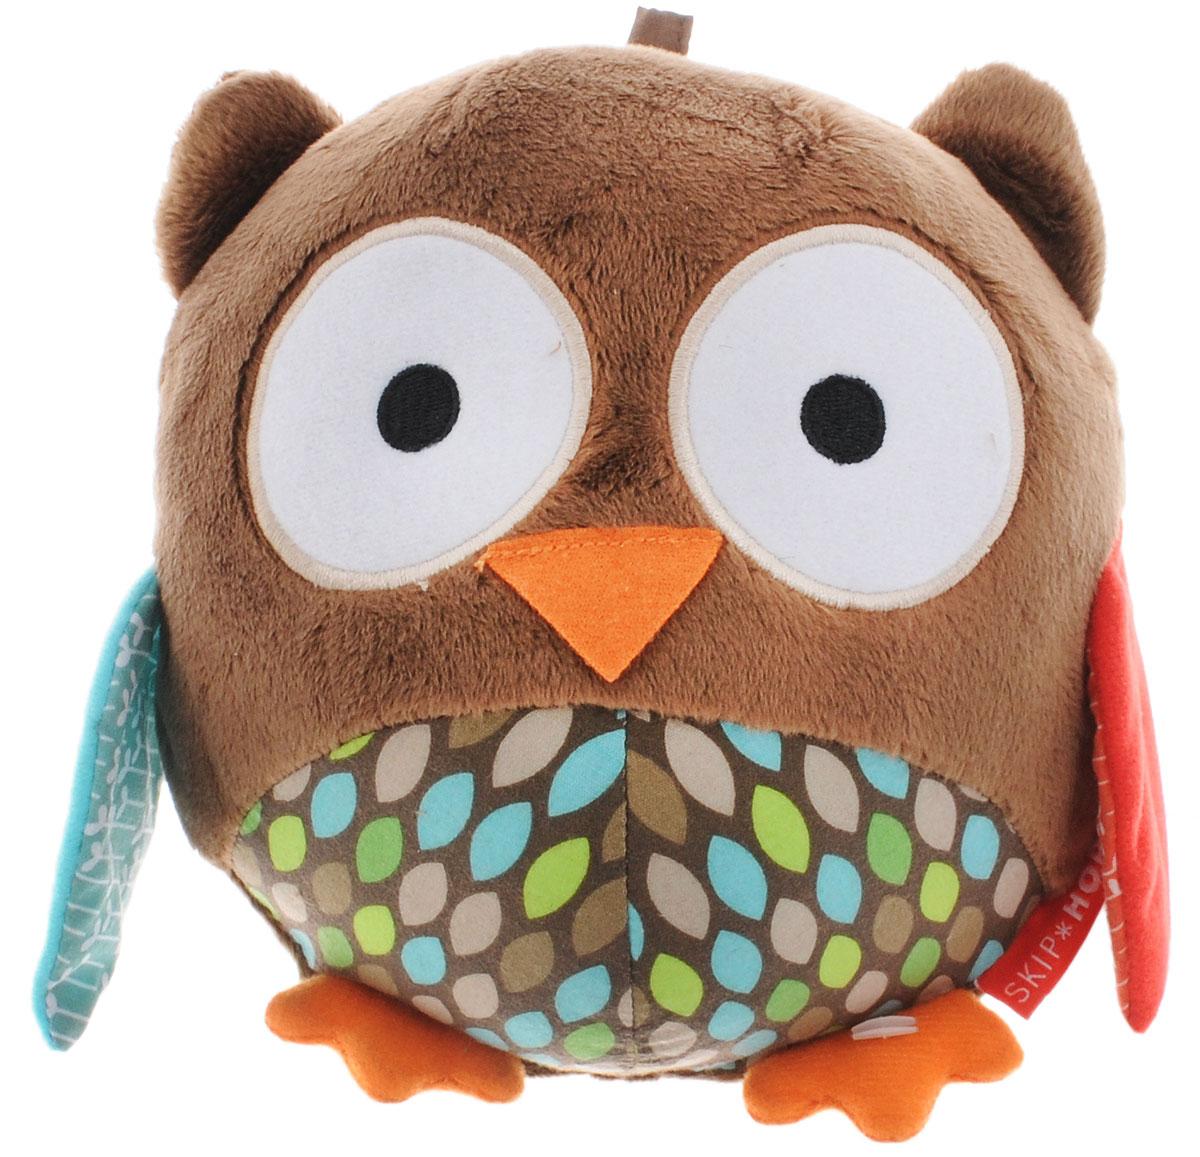 Skip Hop Развивающая игрушка-погремушка СоваSH 307571Развивающая игрушка-погремушка Skip Hop Сова выполнена из разнофактурных материалов в виде симпатичной совы. Малышу будет приятно мять мягкую игрушку ручками. Крылышки совы шелестят, при встряхивании игрушки внутри звенит колокольчик. Развивающая игрушка-погремушка Skip Hop Сова поможет малышу в развитии цветового и звукового восприятия, мелкой моторики рук, тактильных ощущений, координации движений, когнитивных навыков.